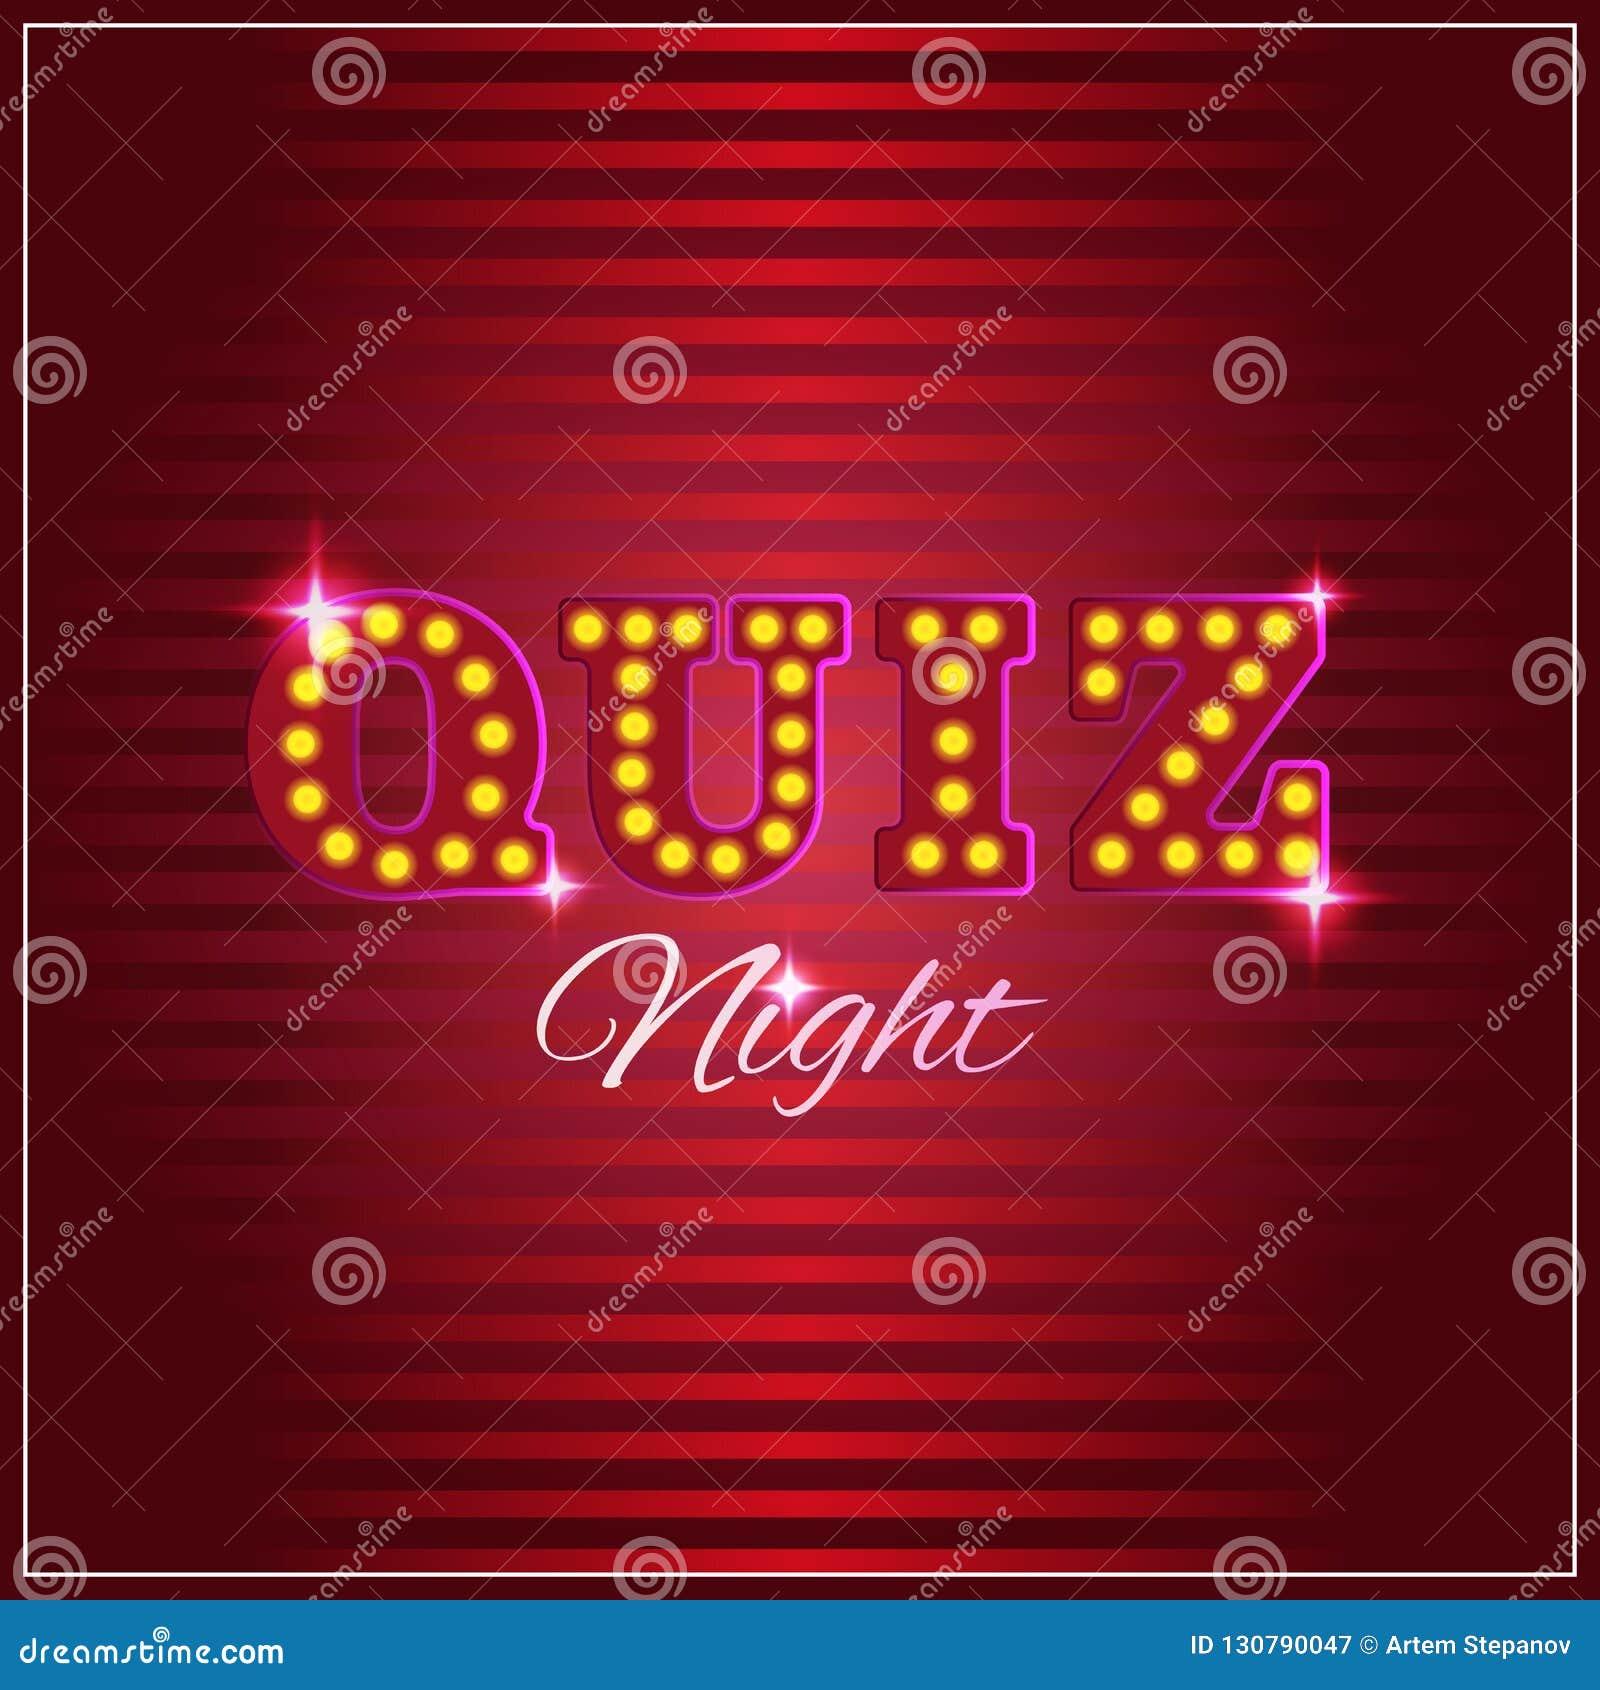 De het bagatellenspel of quiz toont achtergrond met gloeilampen